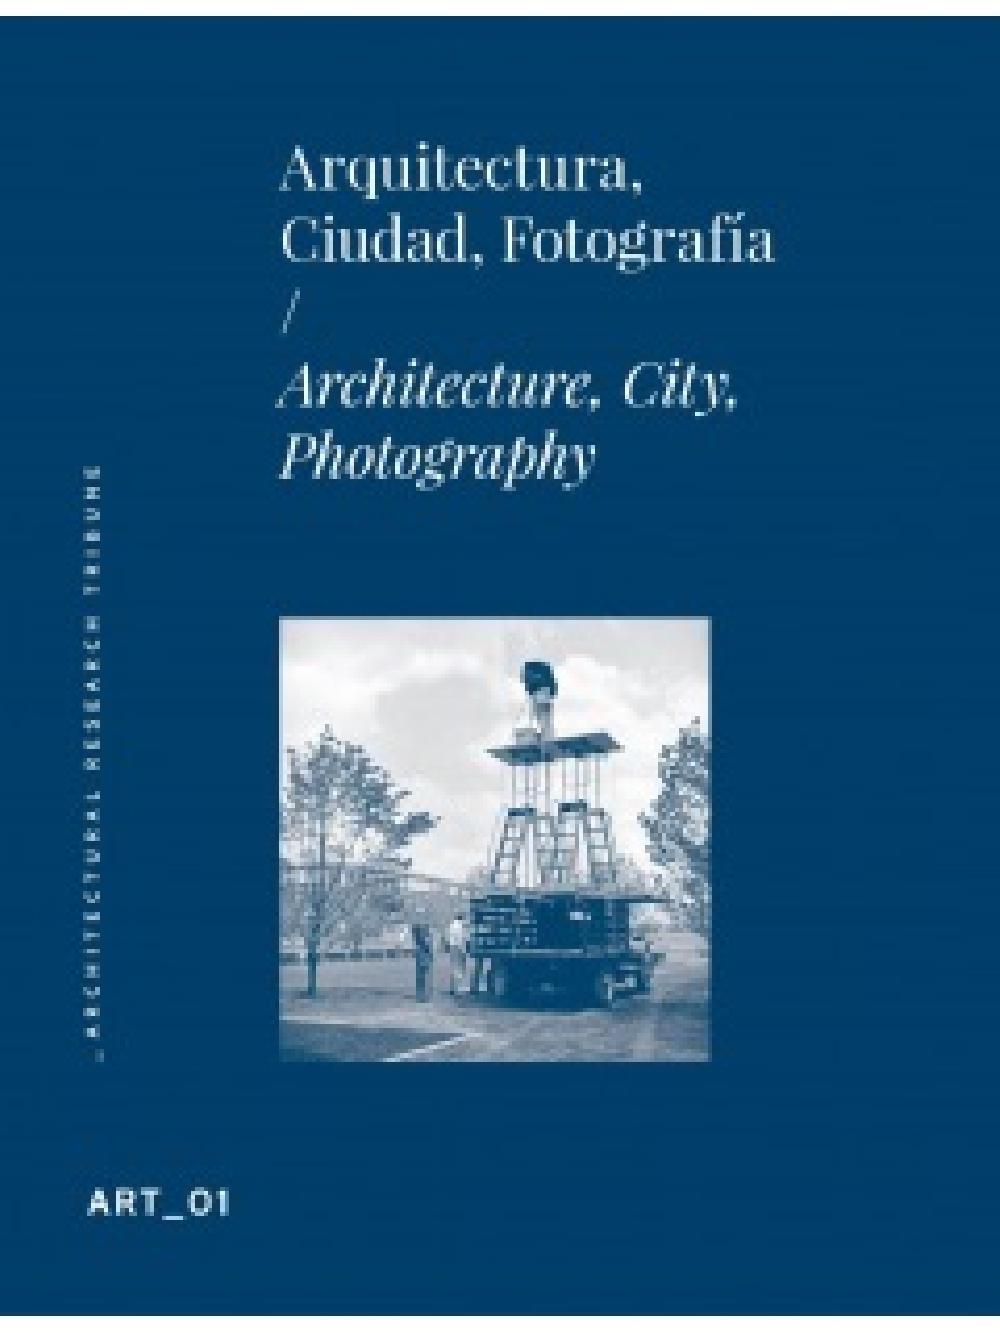 ART01- Arquitectura, Ciudad, Fotografía